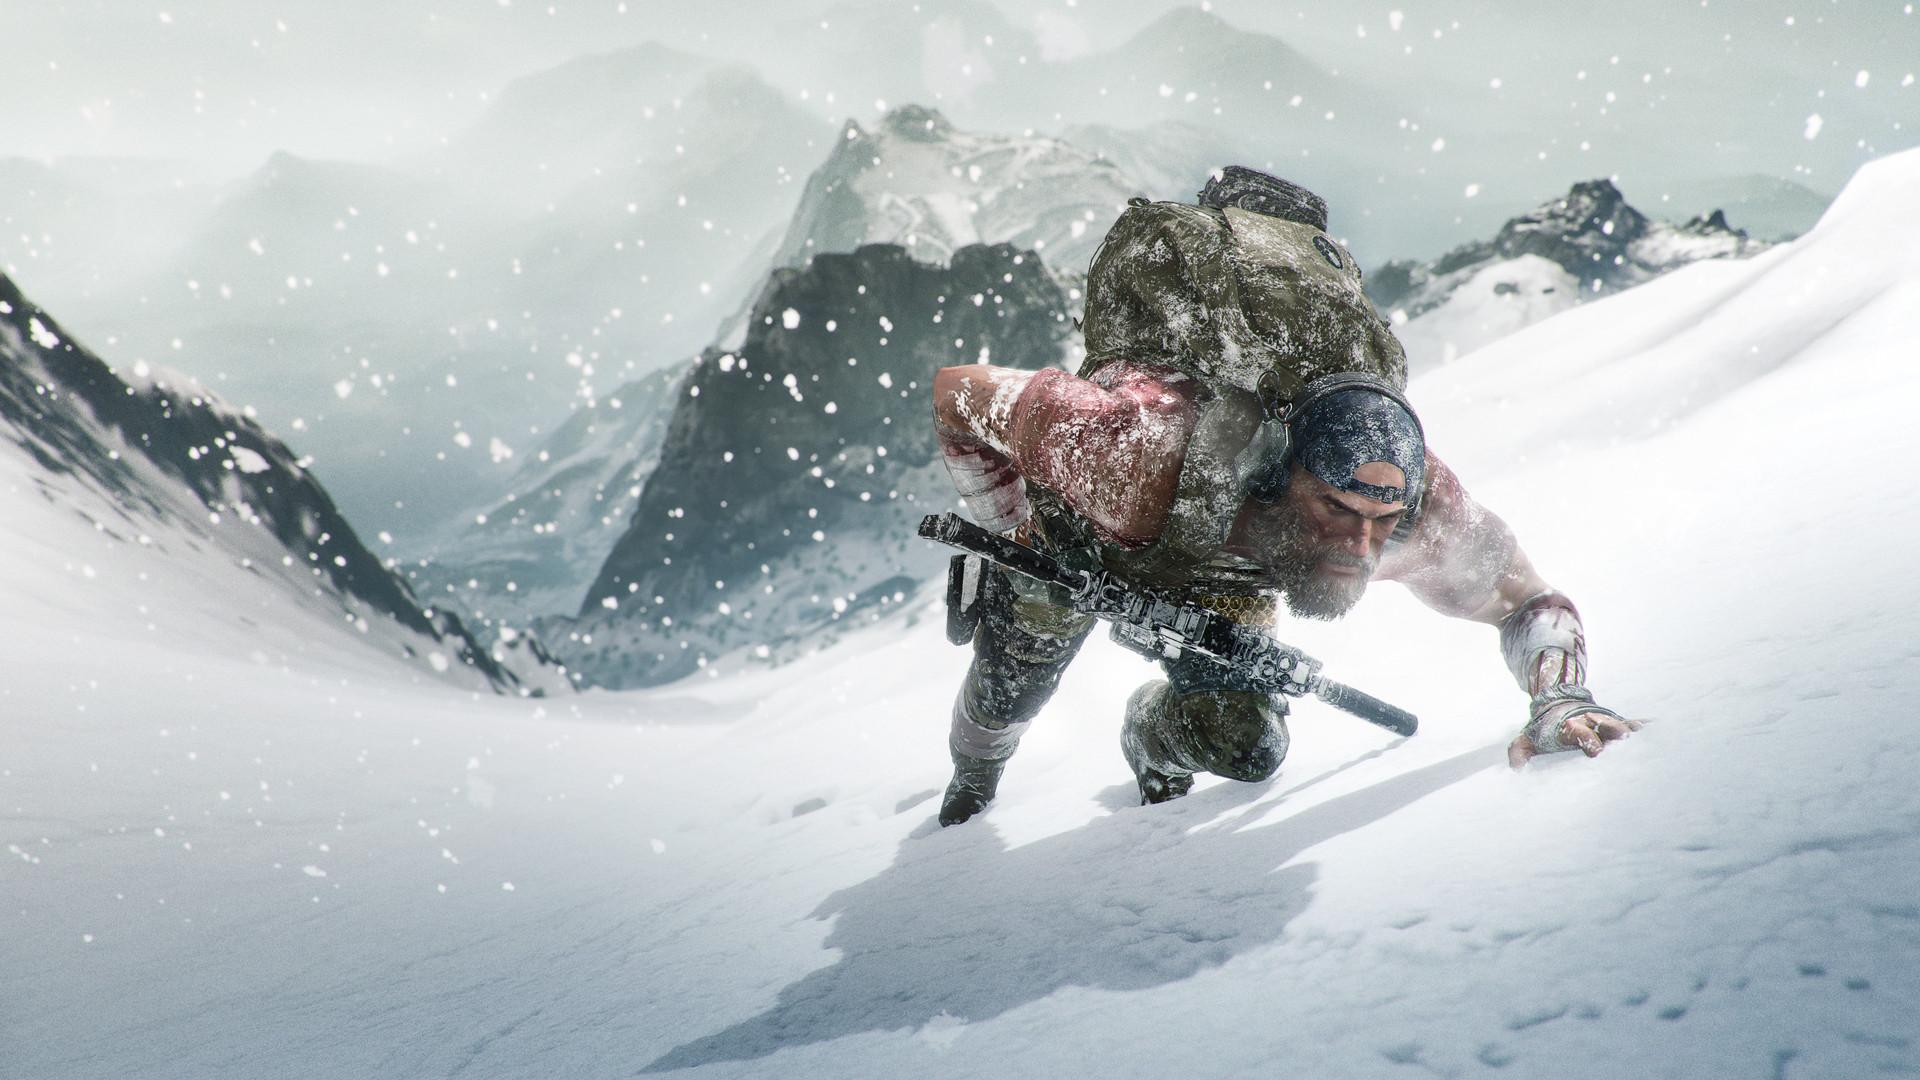 Ubisoft mit besseren Ergebnissen als Prognosen. Der Schlüssel zum Erfolg ist ... PC-Spieler und ihr großes Engagement 2